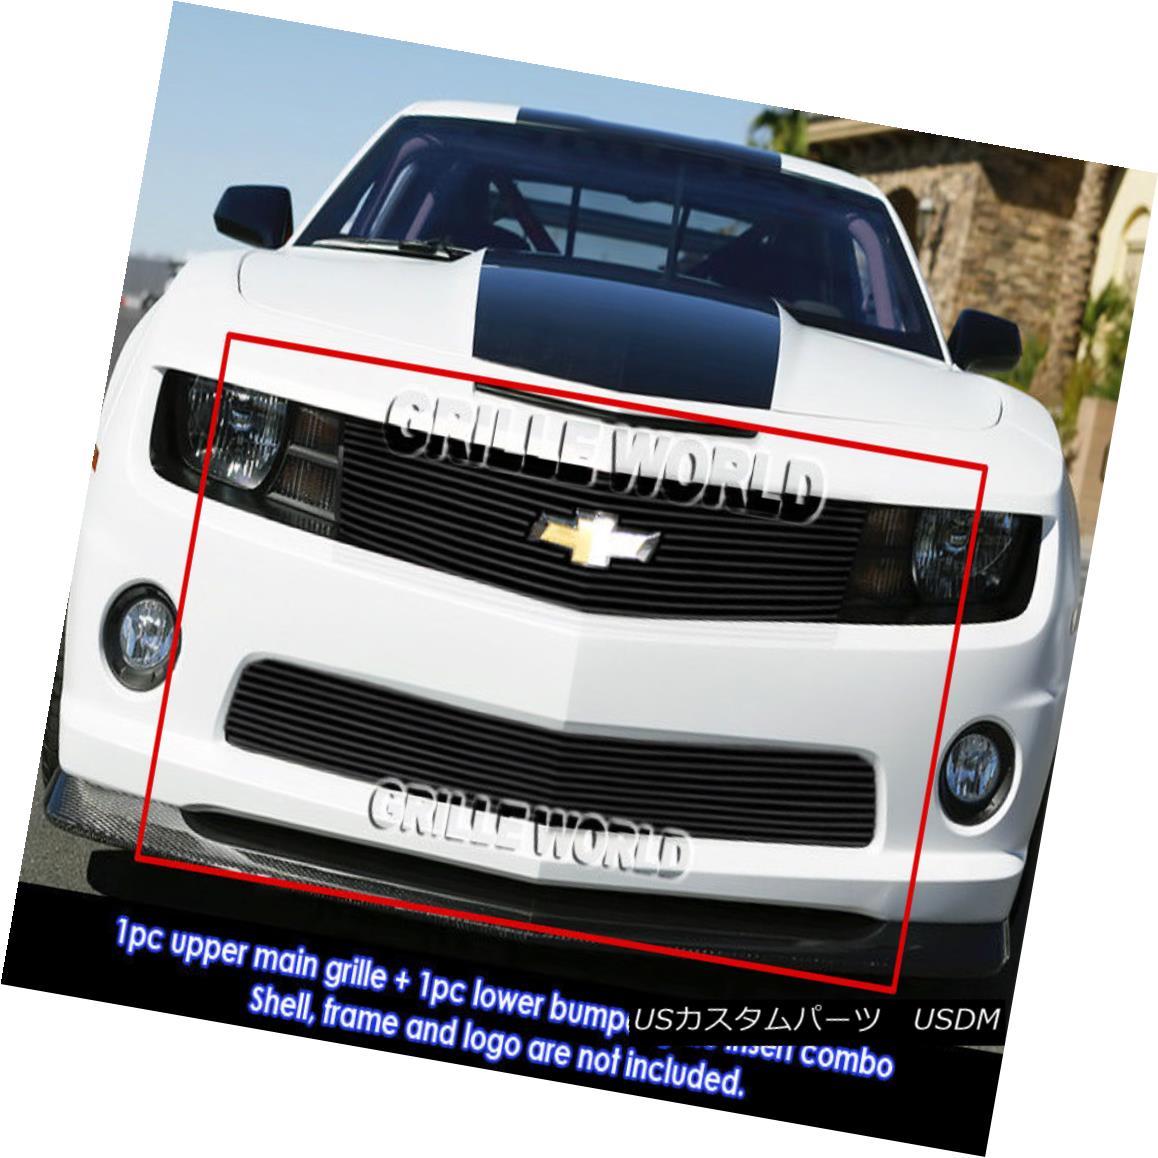 グリル For 2010-2013 Chevy Camaro SS V8 Black Billet Grille Grill Combo Insert 2010-2013シボレーカマロSS V8ブラックビレットグリルグリルコンボインサート